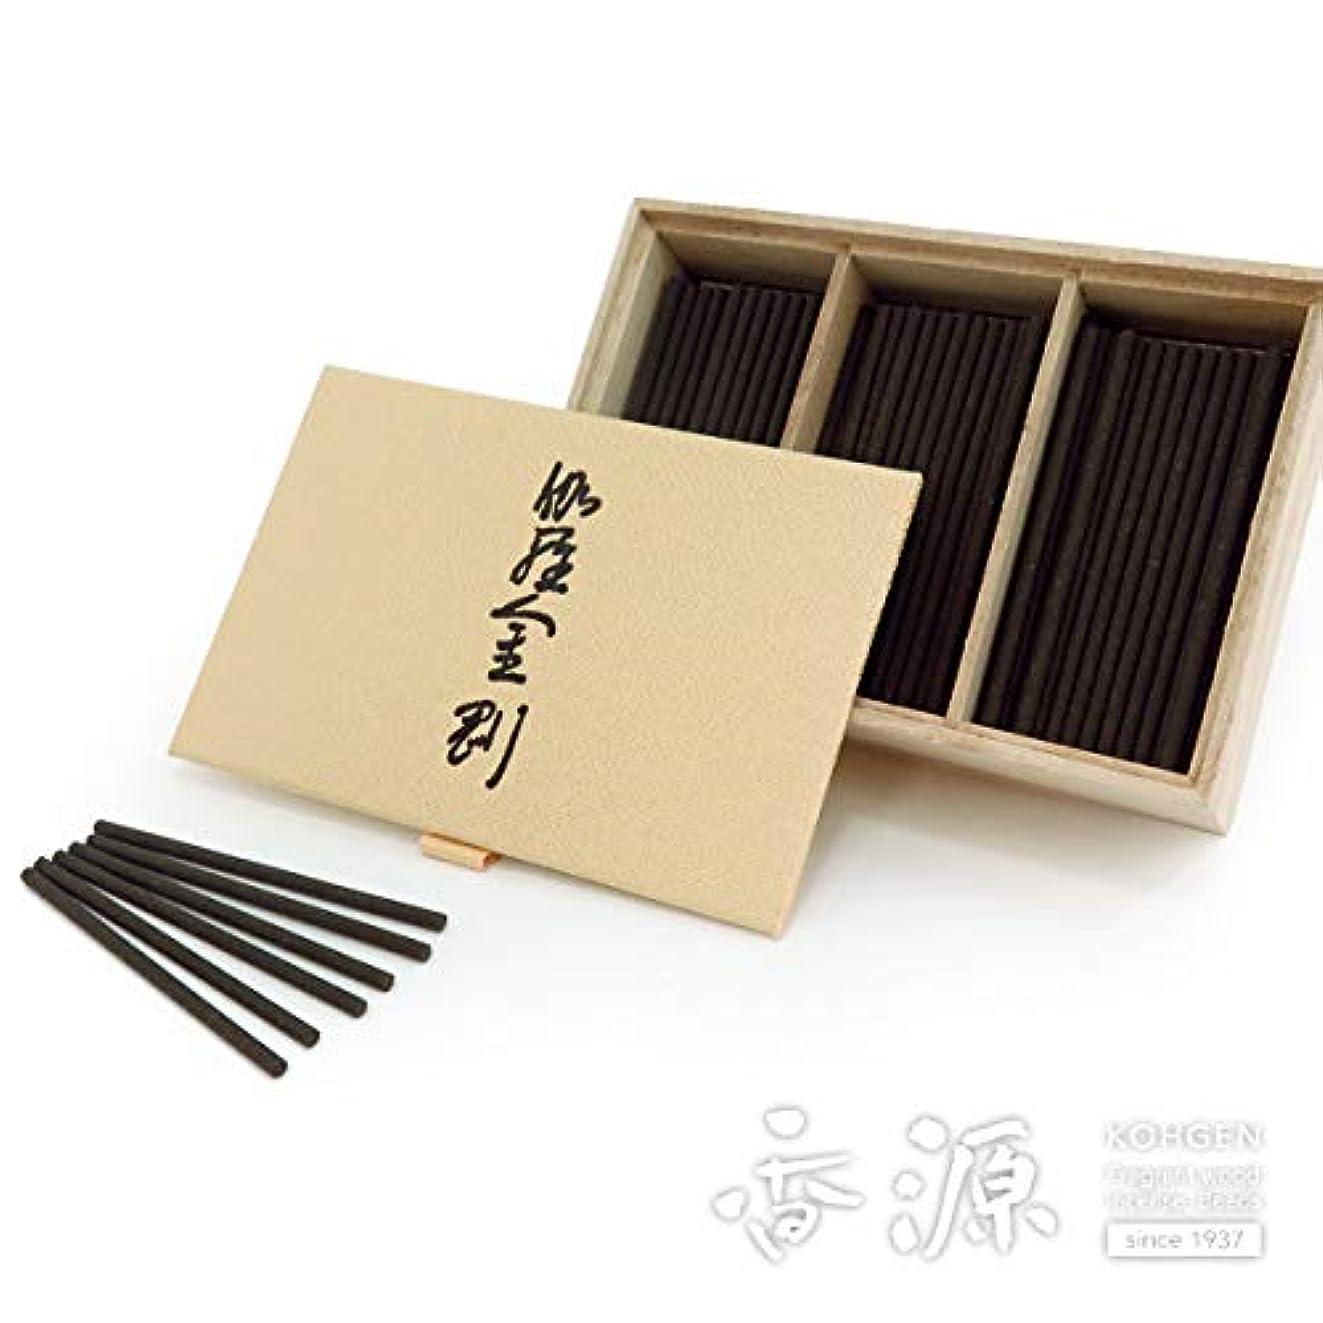 アンテナ突然のレタッチ日本香堂のお香 伽羅金剛 スティックミニ寸お徳用 150本入り